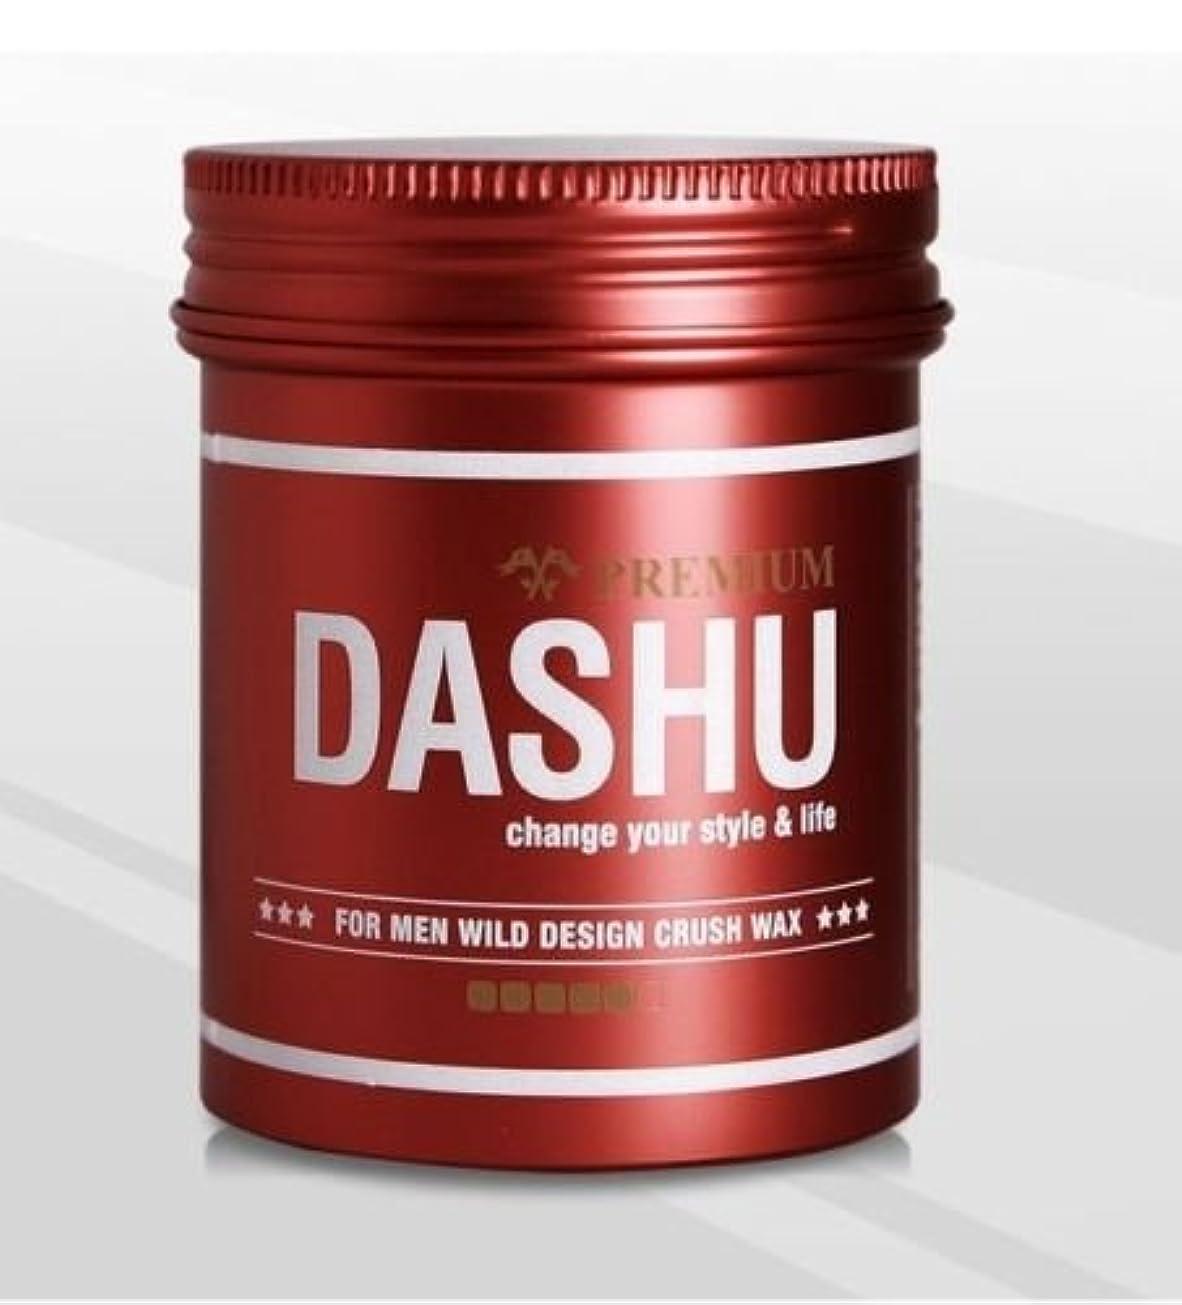 独占植物学者バーチャル[DASHU] ダシュ For Men男性用 プレミアムワイルドデザインクラッシュワックス Premium Wild Design Crush Hair Wax 100ml / 韓国製 . 韓国直送品